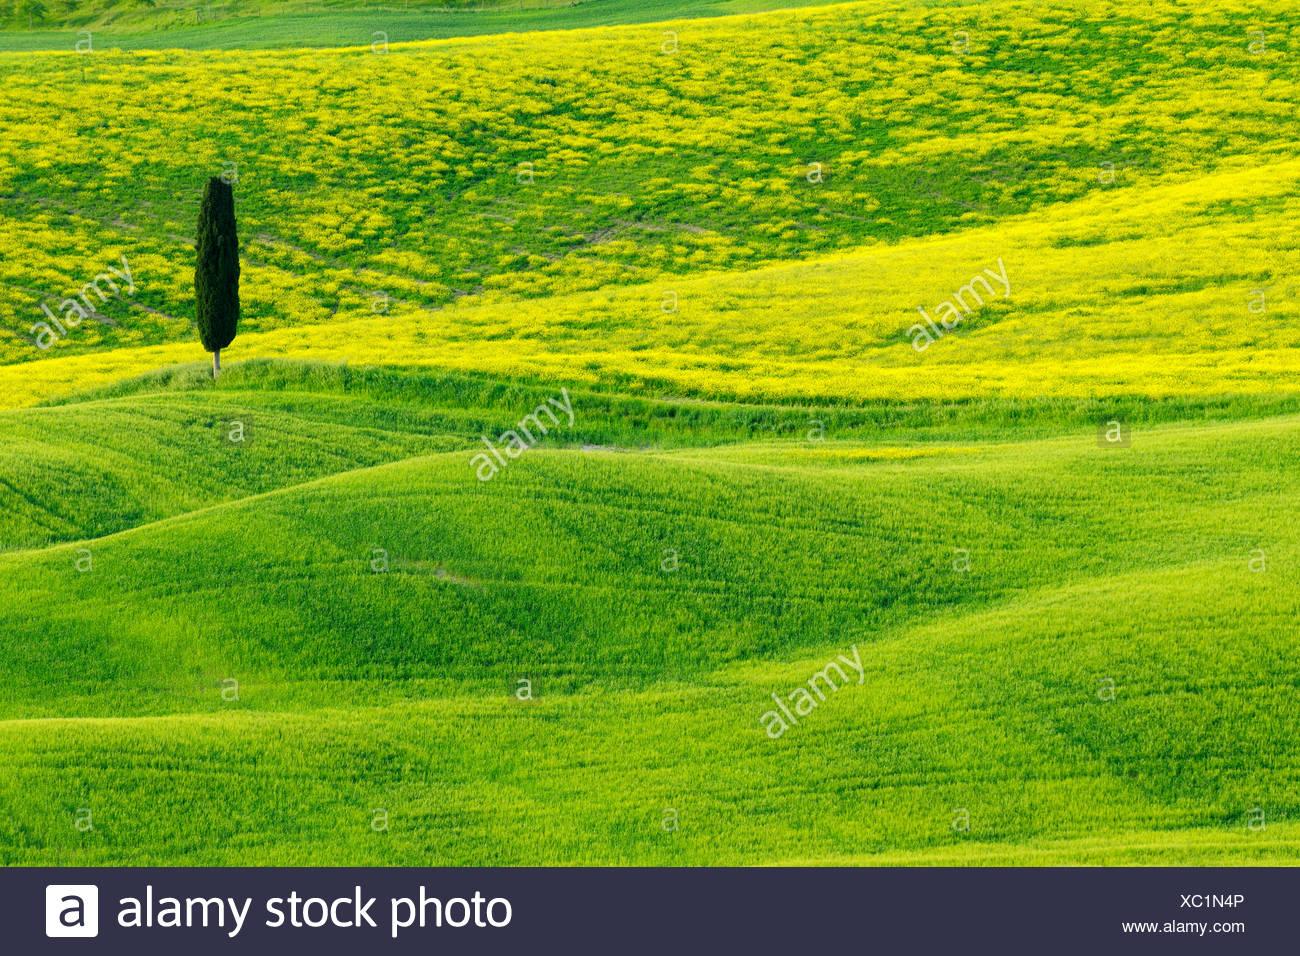 Italienische Zypresse (Cupressus Sempervirens), grüne und hügelige Ackerland mit Cypress, Val d' Orcia, San Quirico d' Orcia, Italien, Toskana Stockbild